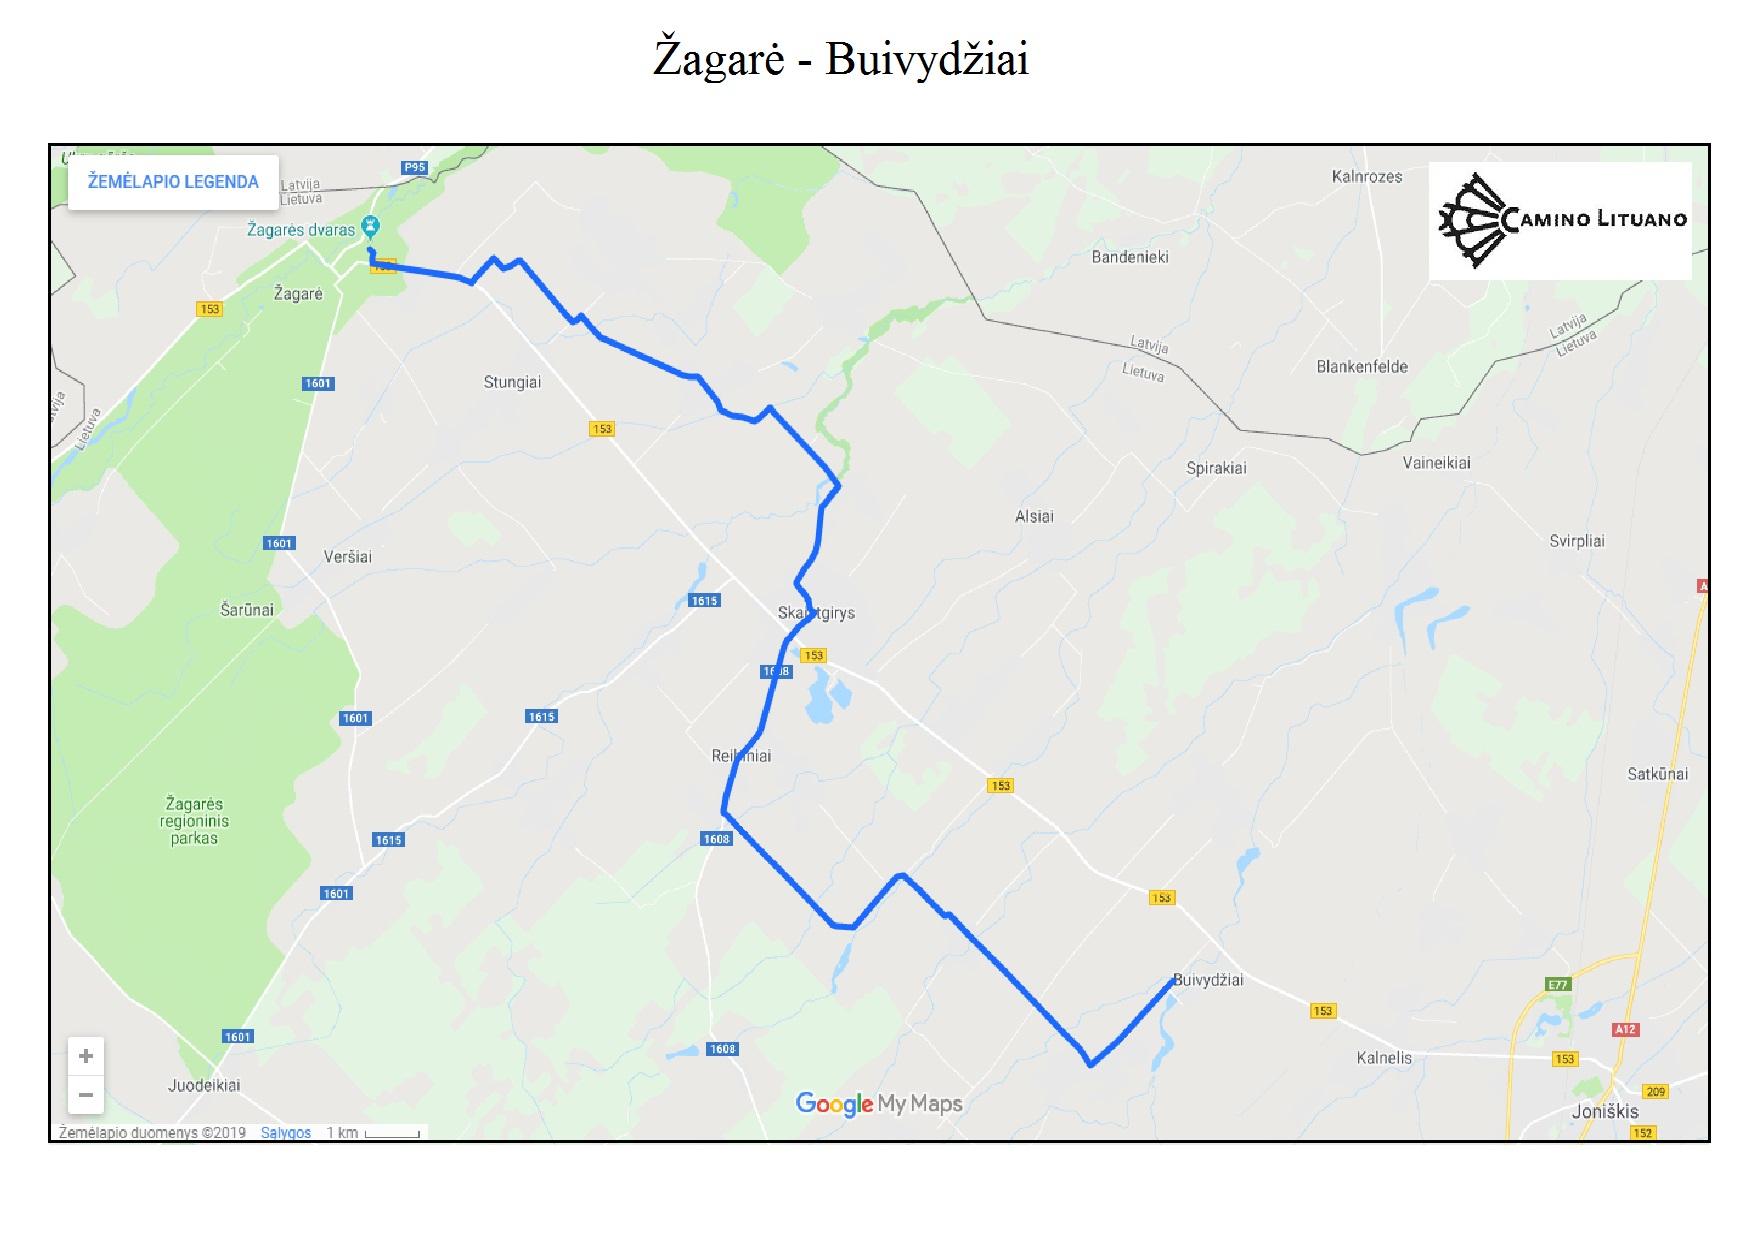 CL-20-Zagare_Buivydziai